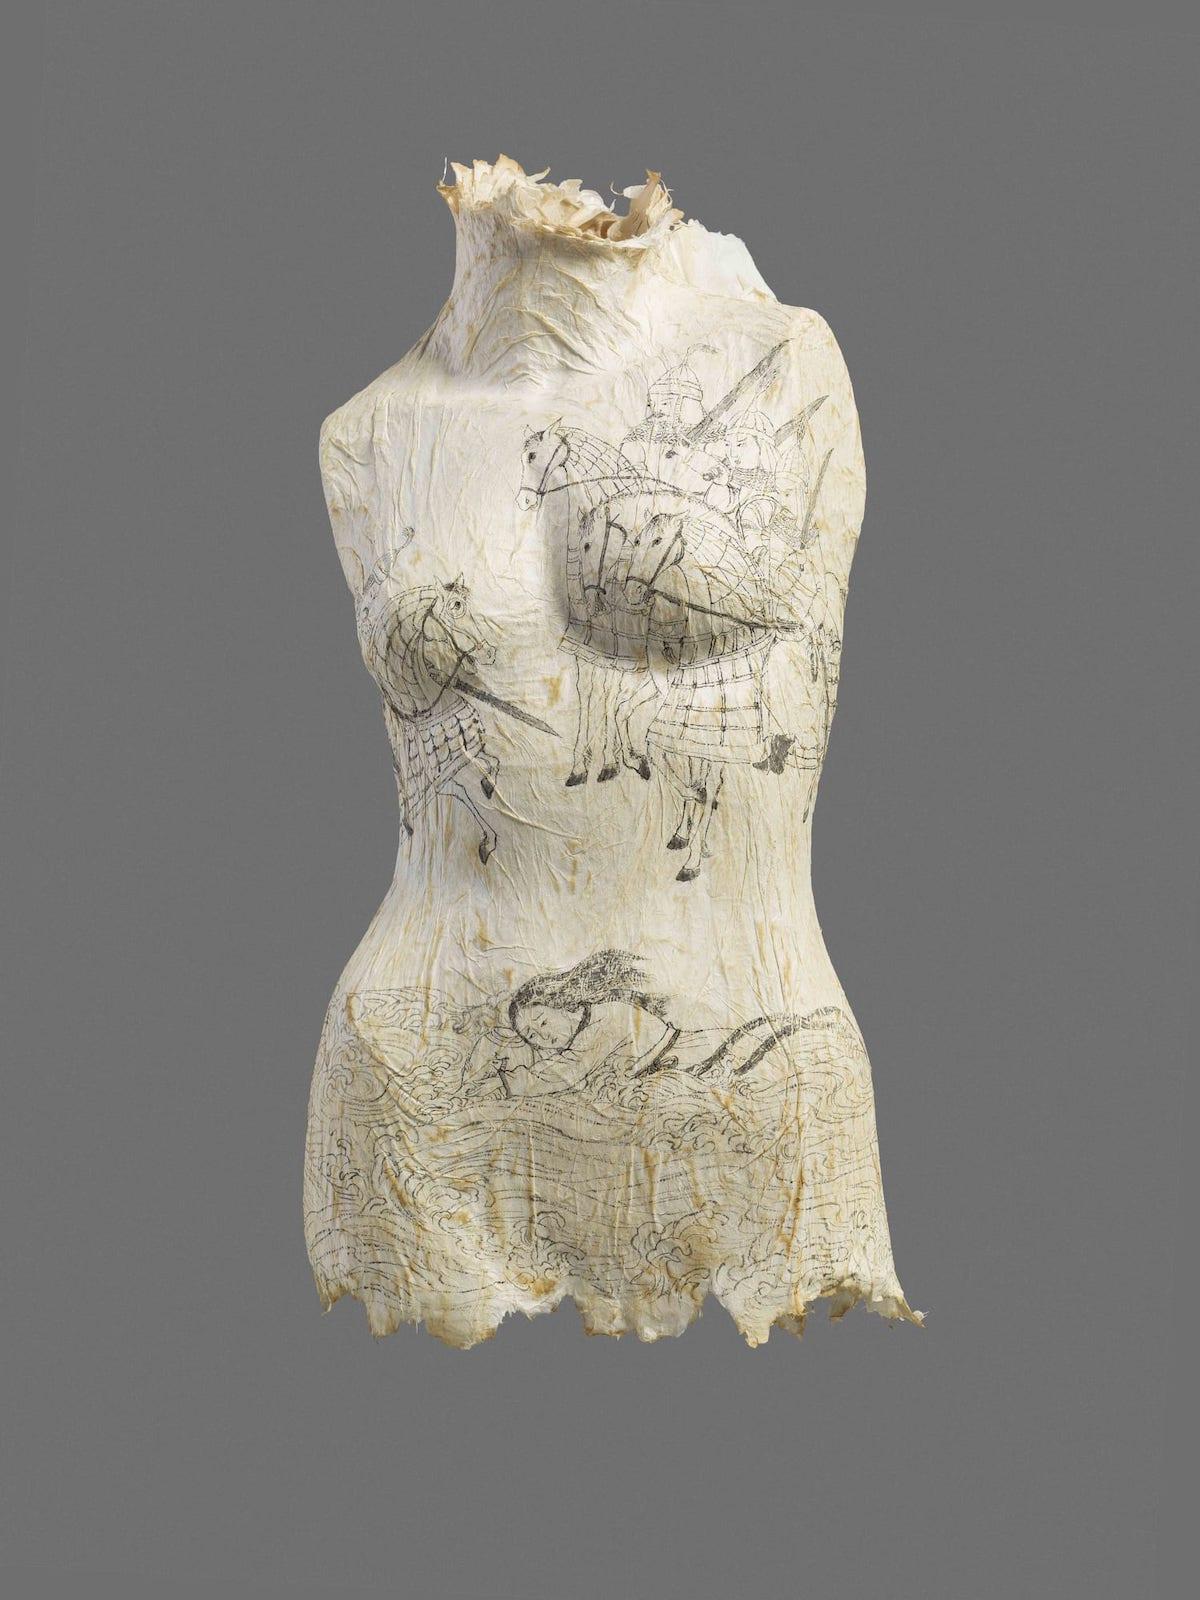 Esculturas de papel cubiertas con narrativas femeninas